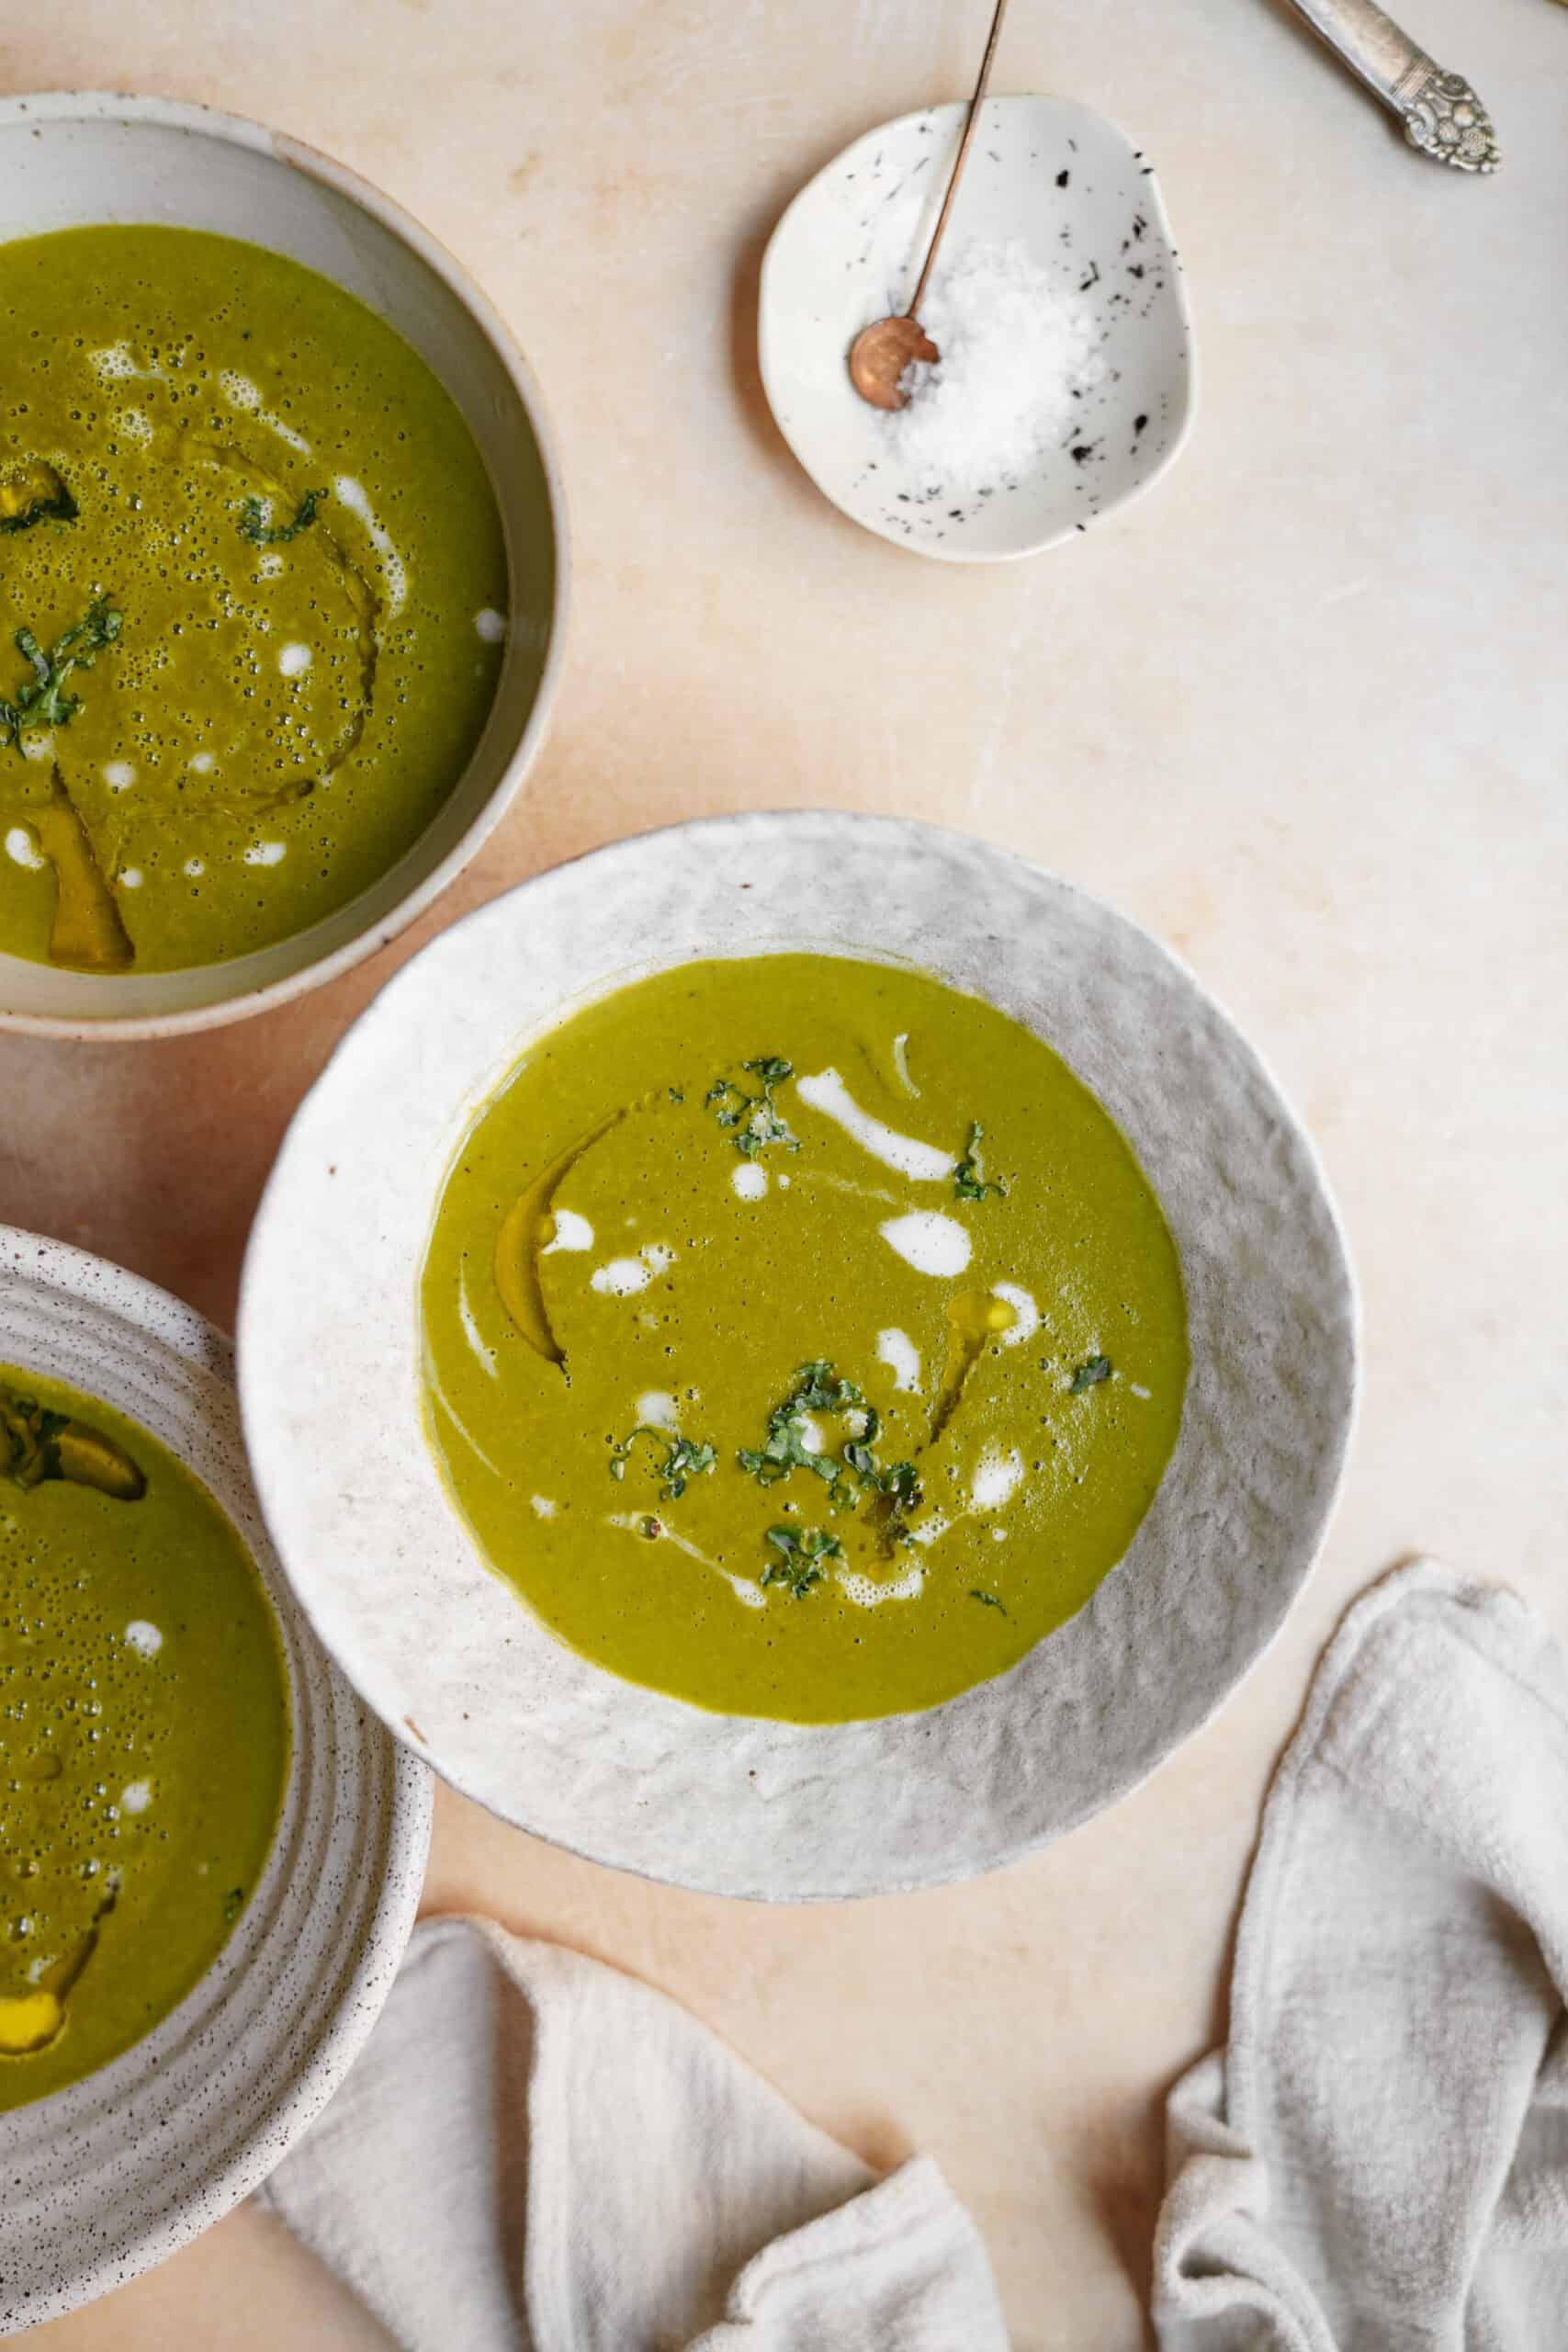 potato kale Soup in white bowls on countertop